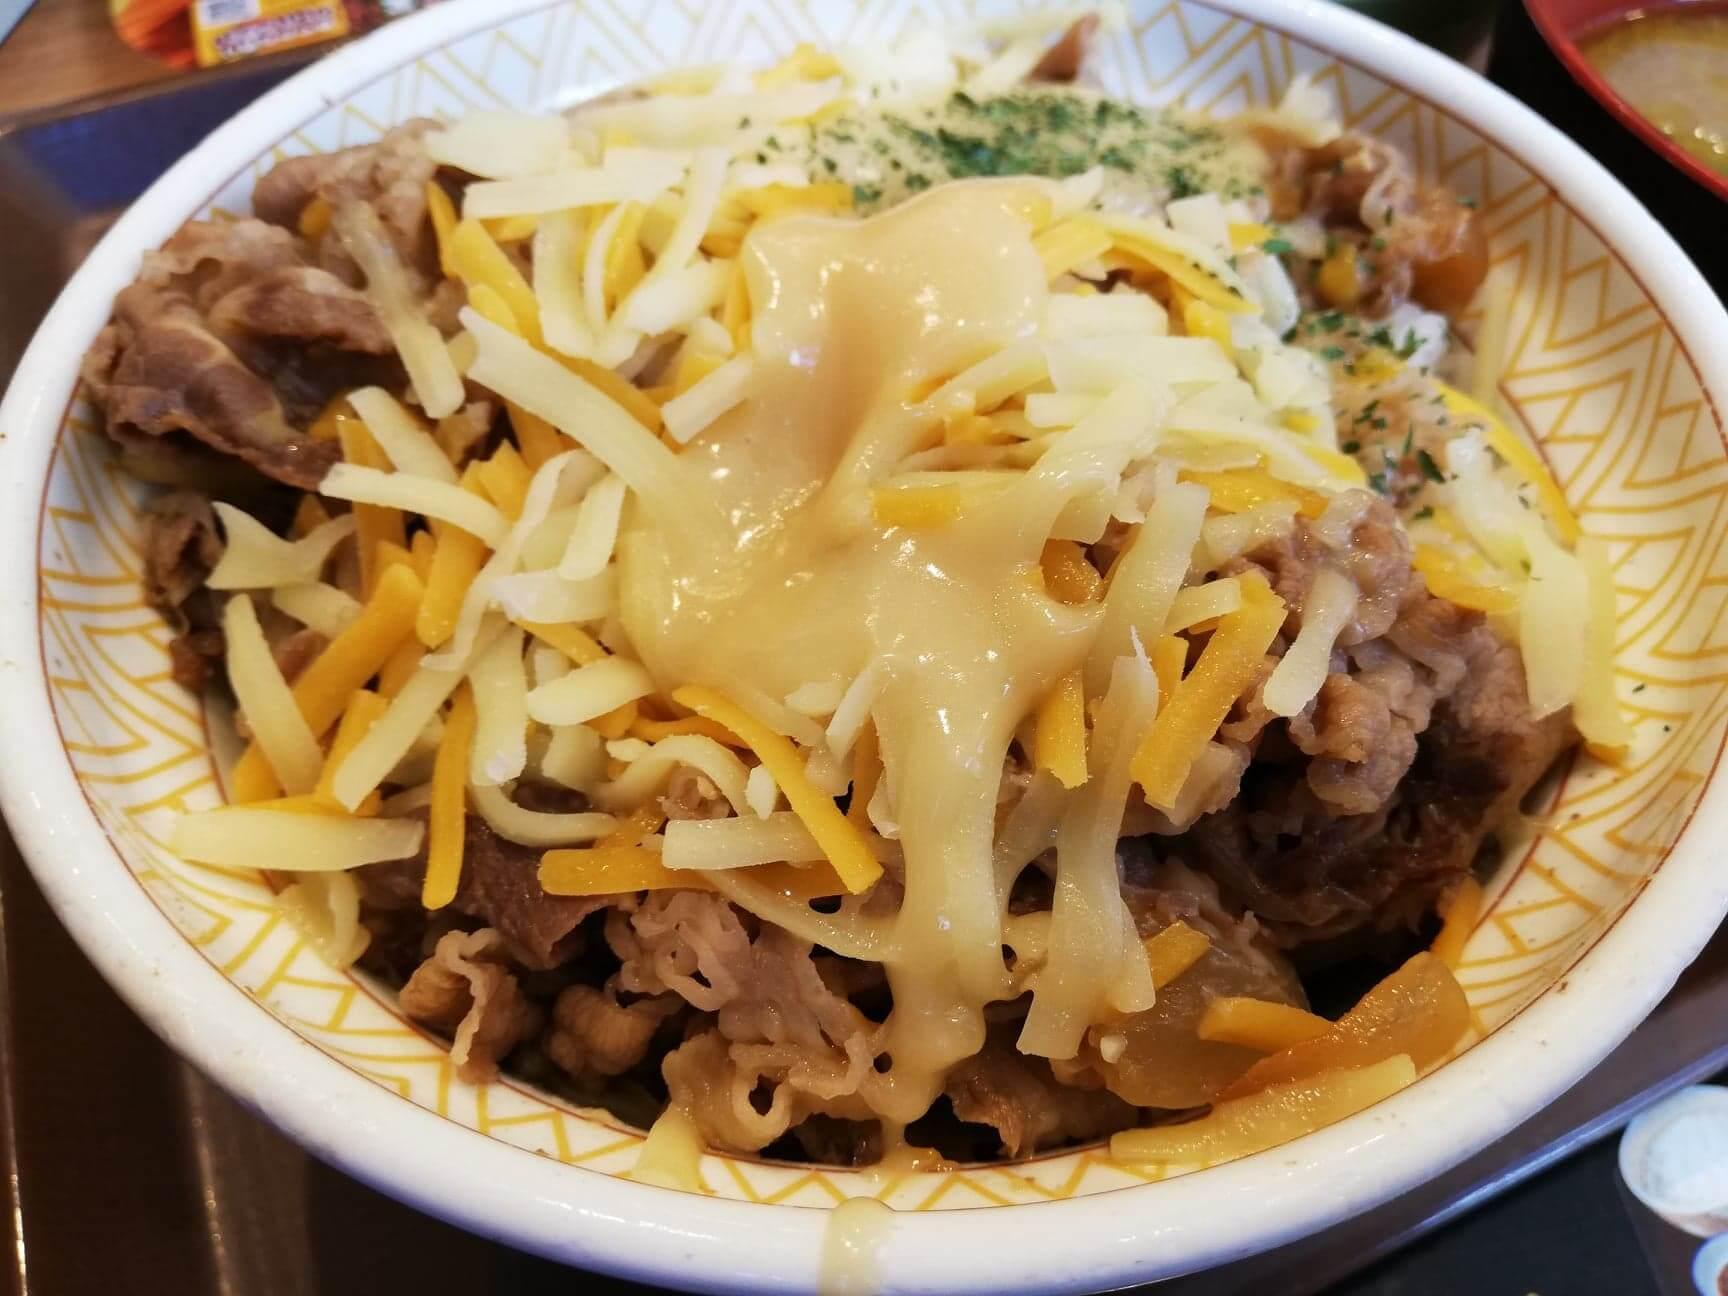 すき家の『とろーり3種のチーズ牛丼』のアップ写真